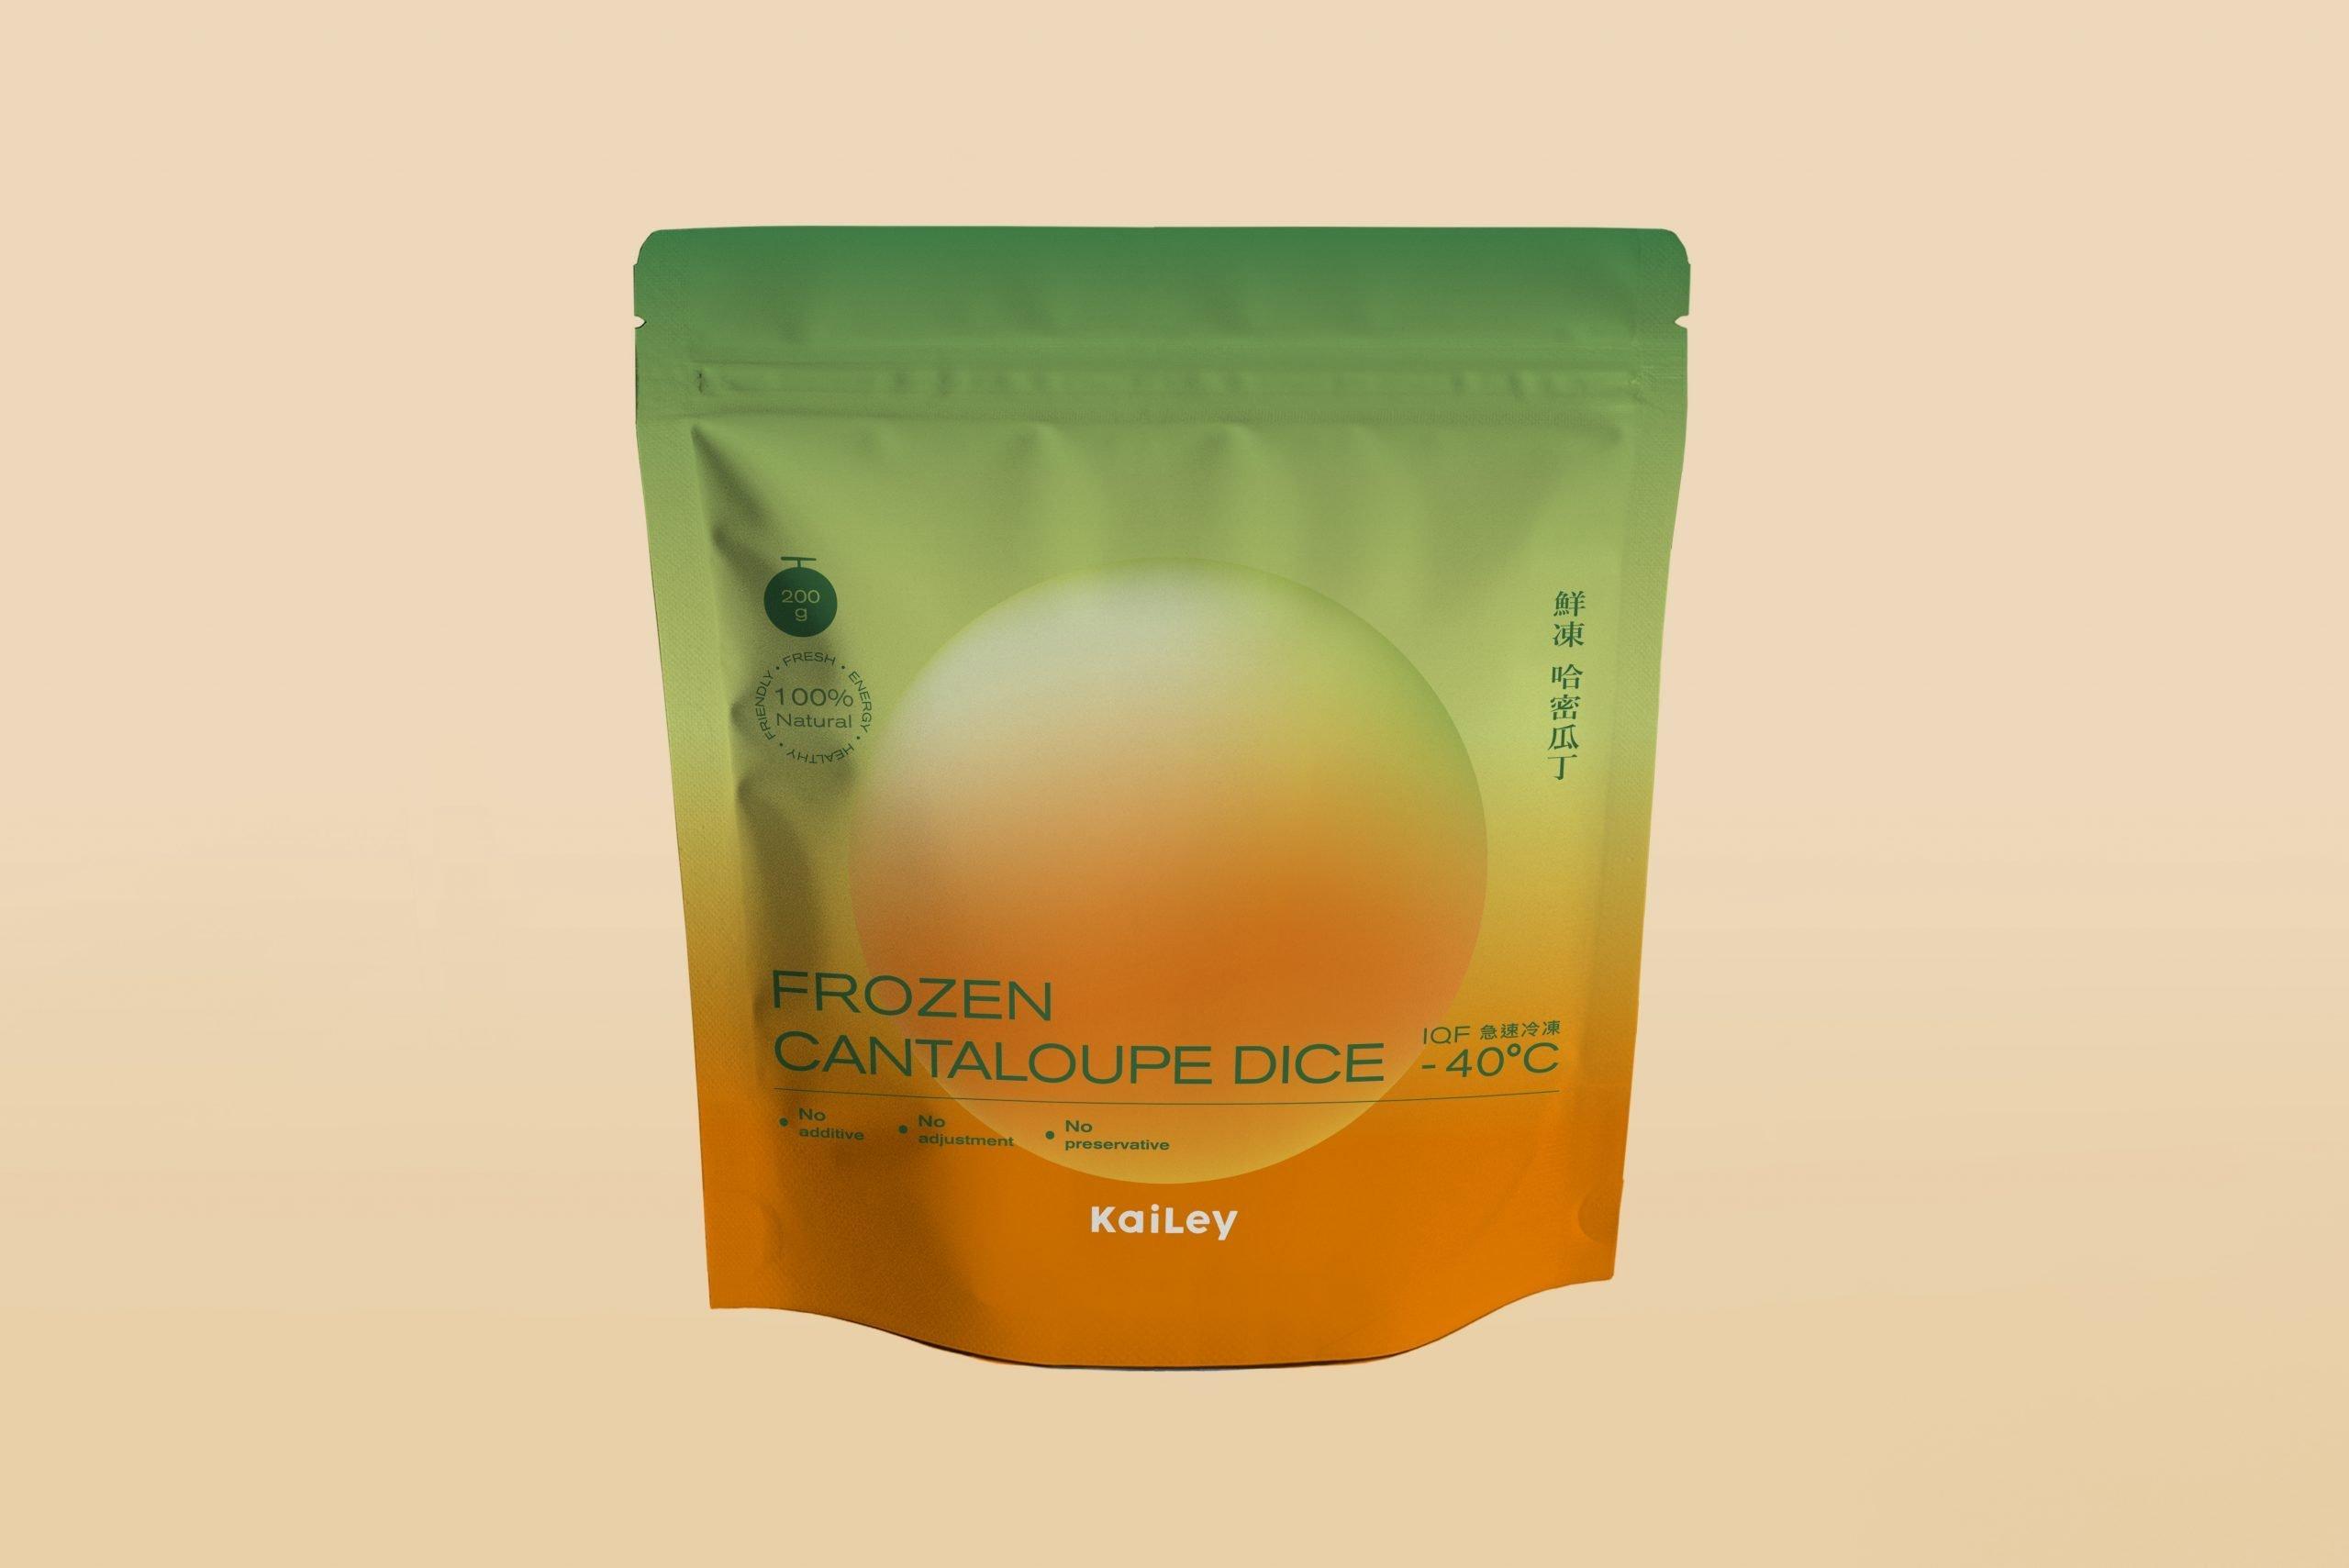 塏立冷凍水果鮮食市場包裝設計-正面